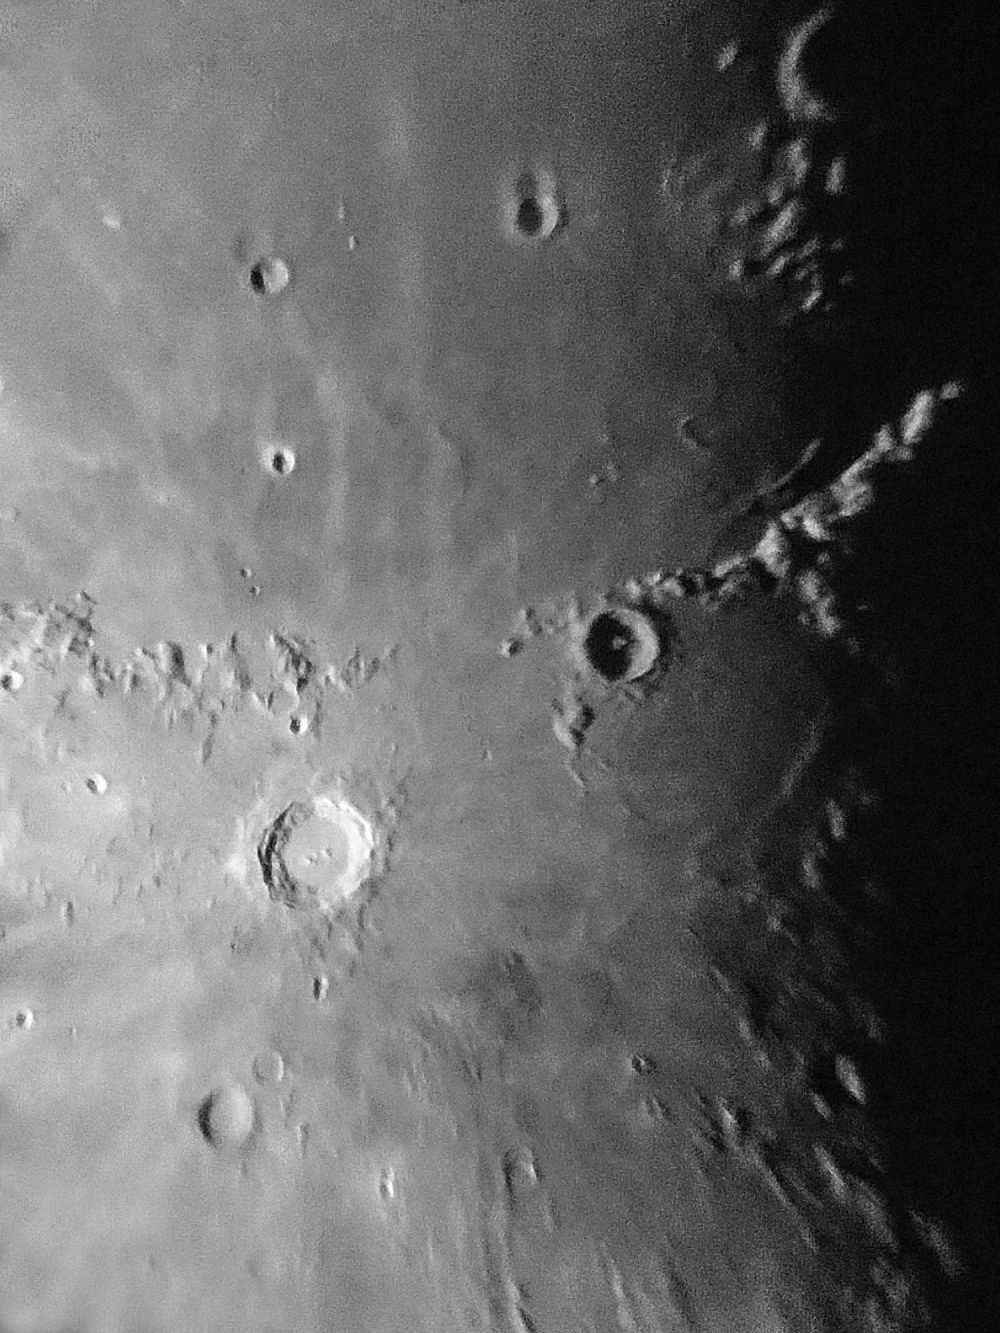 Лунные кратеры 10.10.2020 (2)